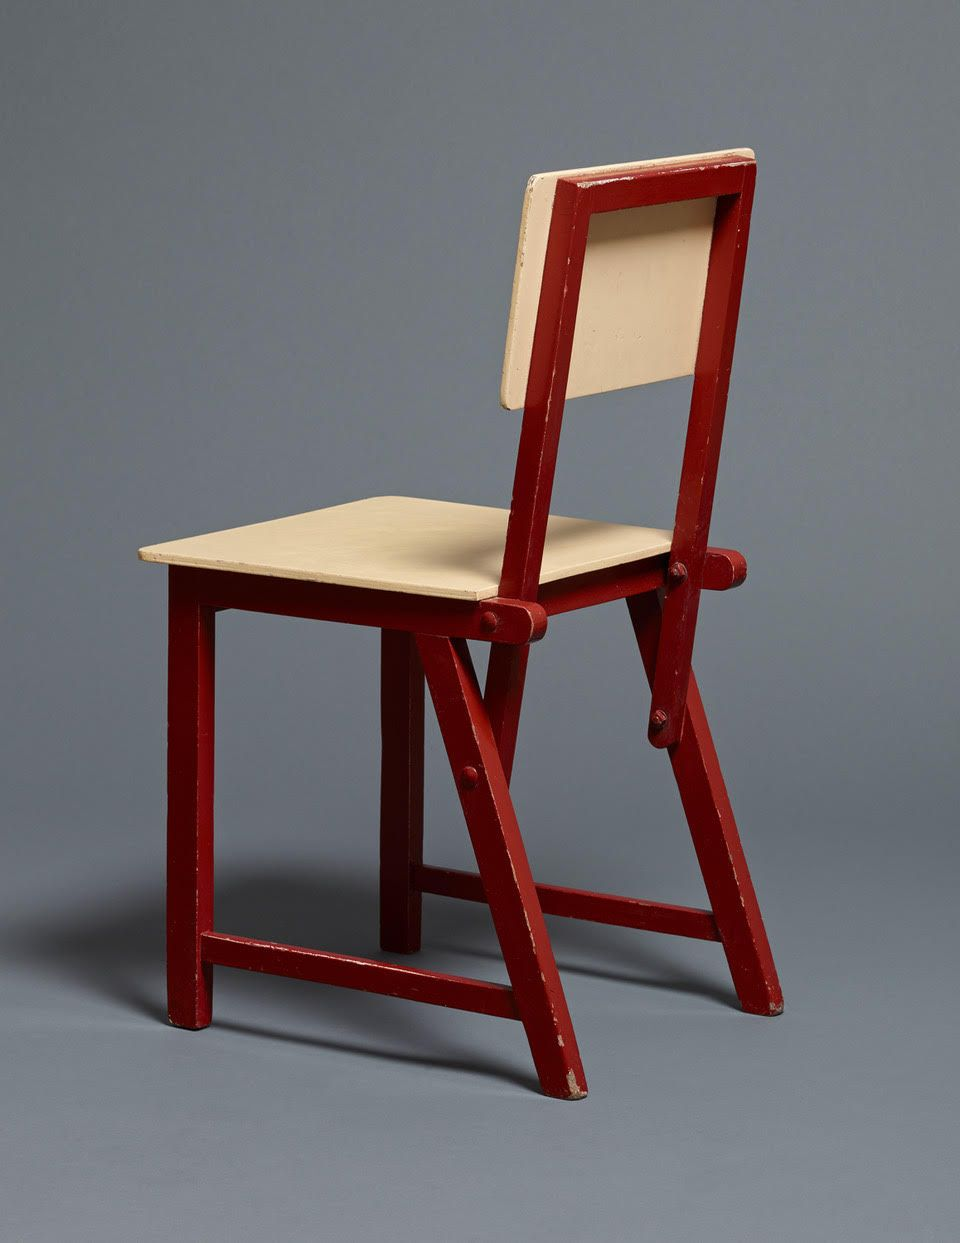 Erich Dieckmann, Childs Chair, Weimar 1926 Galerie Ulrich